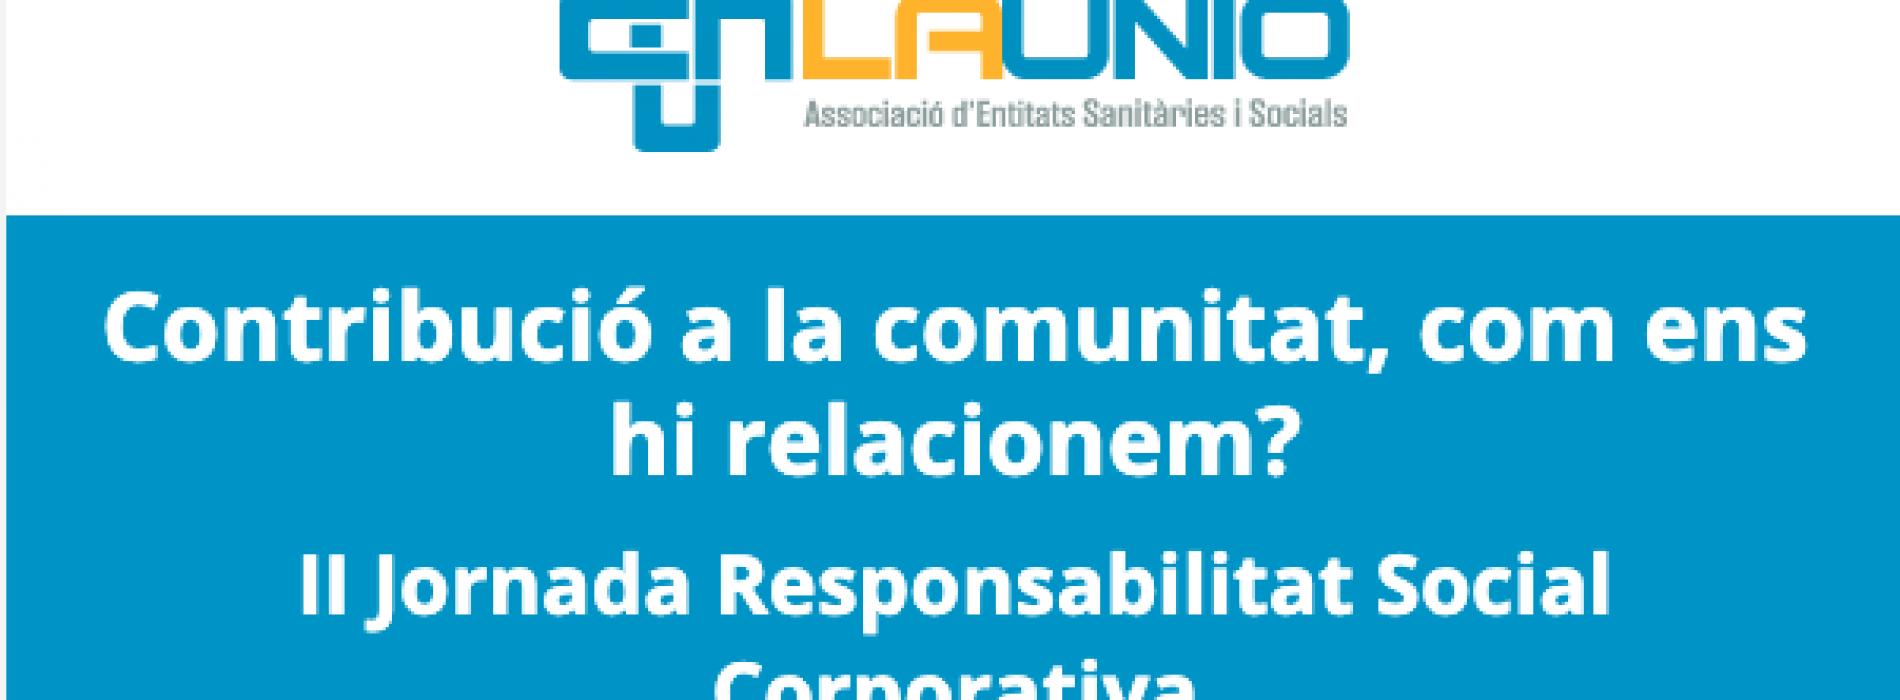 """El president de Respon.cat participa en la jornada per l'RSC de La Unió """"Contribució a la comunitat, com ens hi relacionem?"""""""